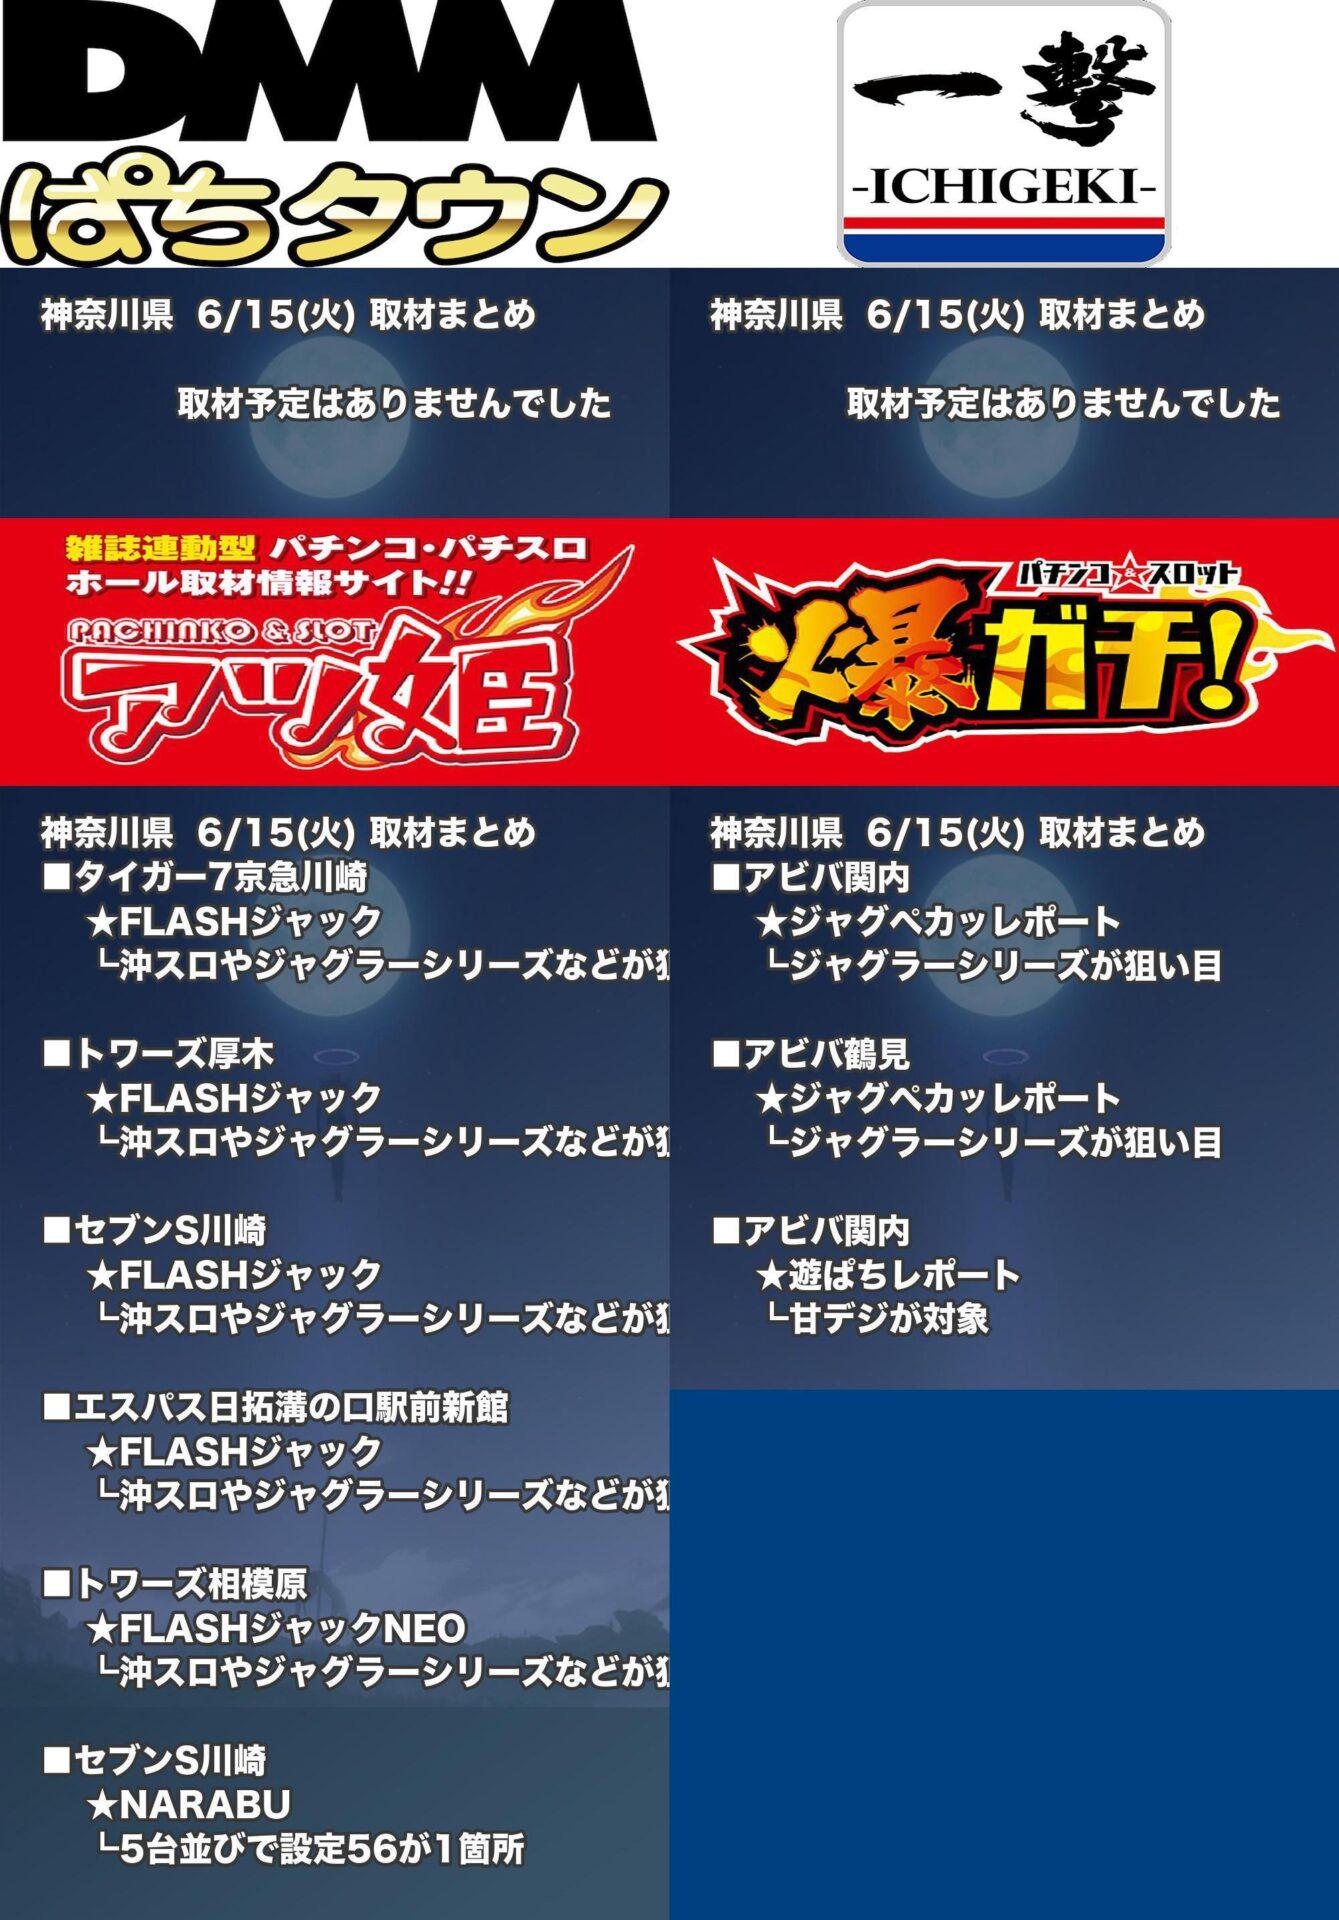 神奈川県_2021-06-15_パチンコ・パチスロ_イベント